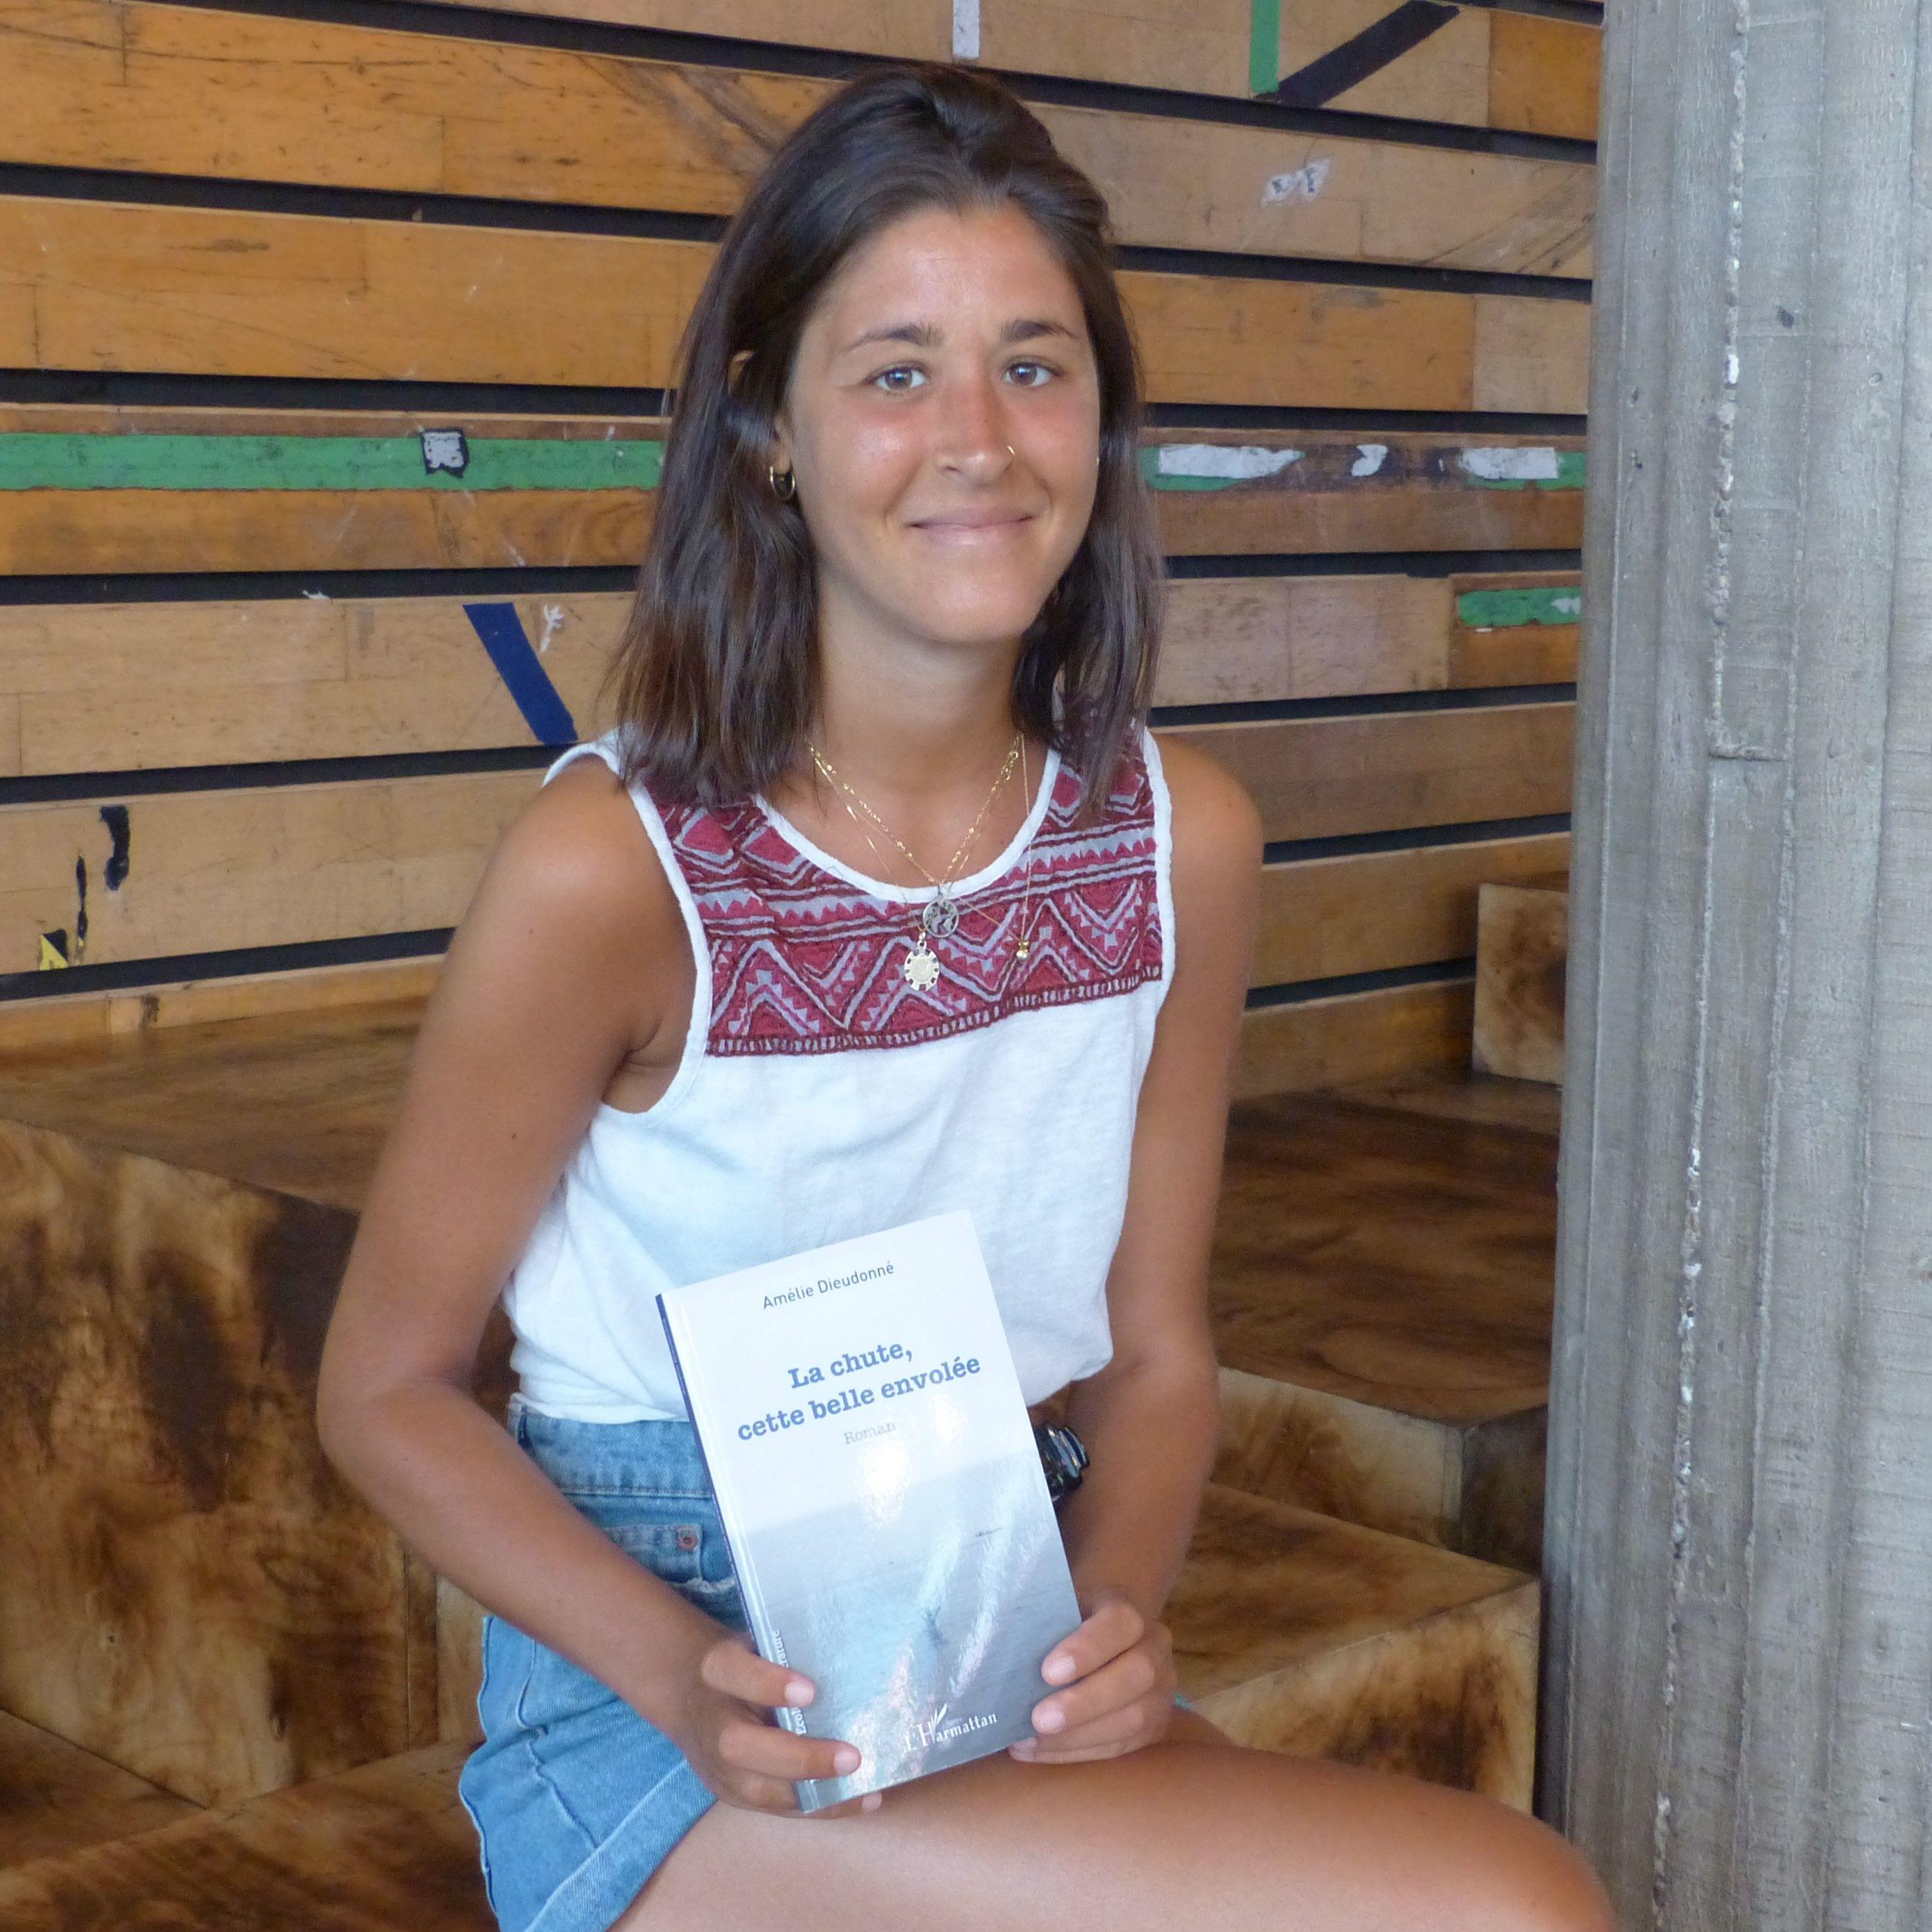 Découvrez LA CHUTE CETTE BELLE ENVOLEE, le 1er roman d'Amélie Dieudonné